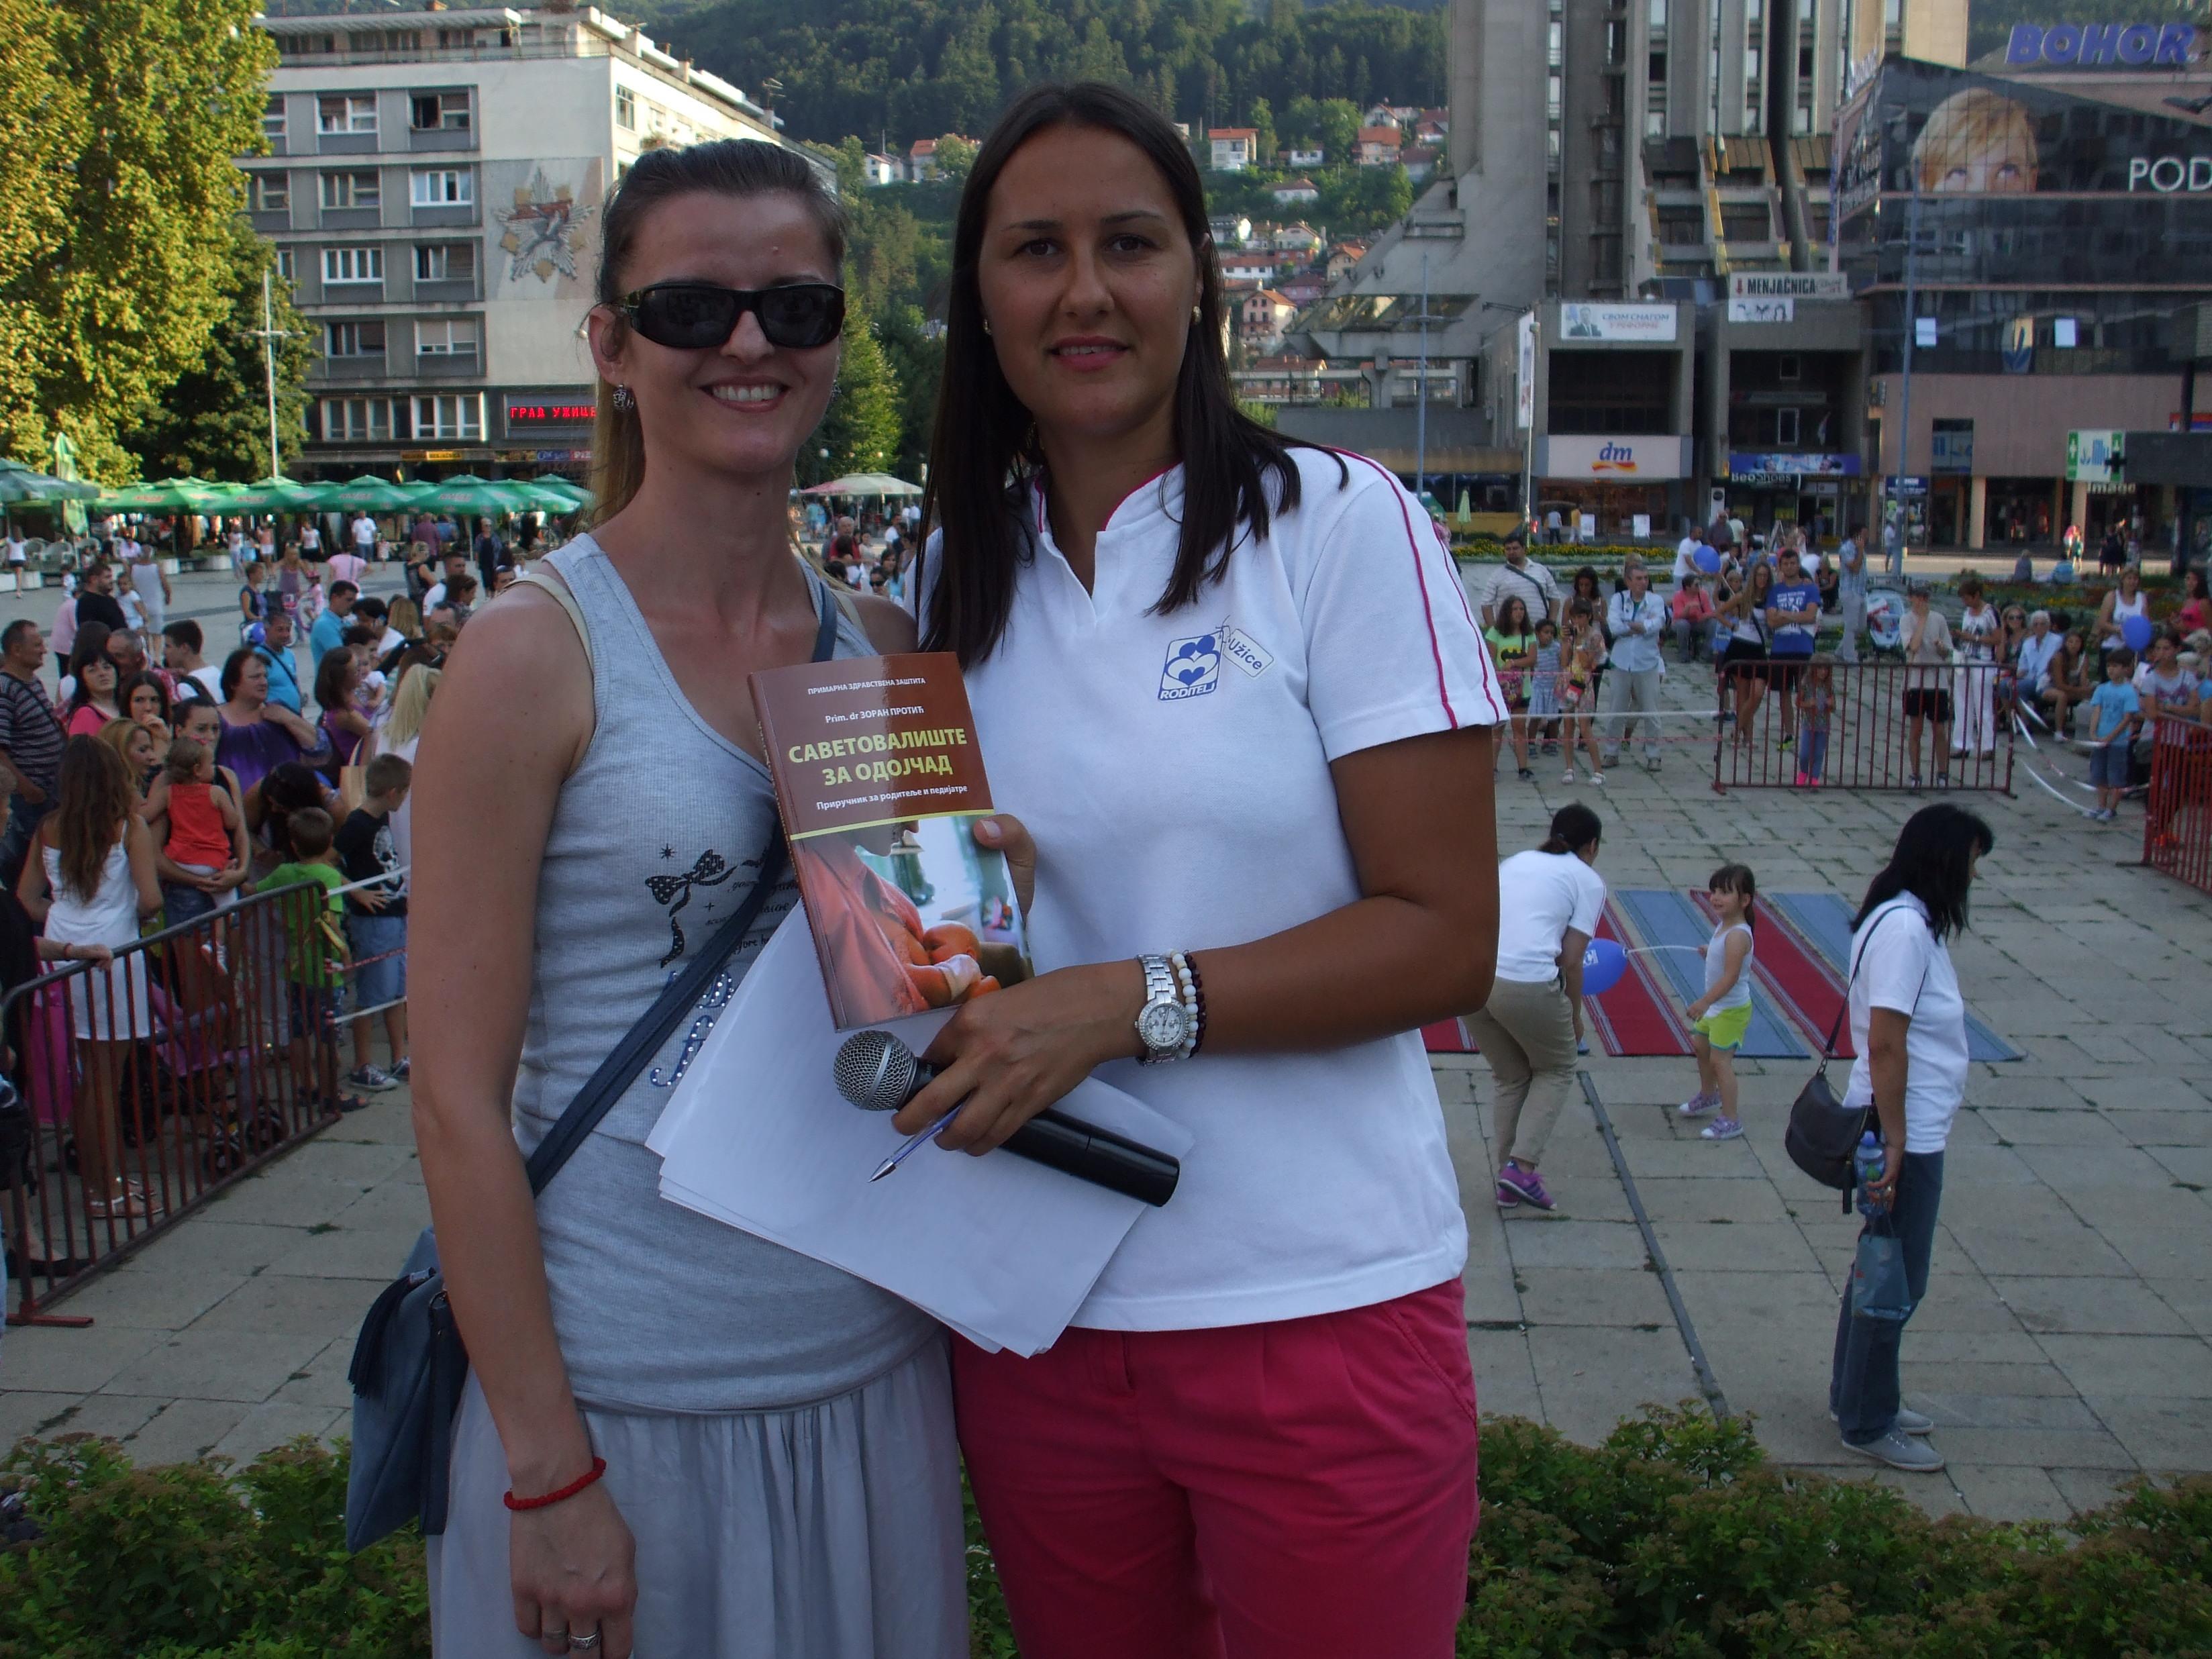 Buduća majka dobija knjigu na poklon, od naseg cuvenog pedijatra, prim.dr Zorana Protića